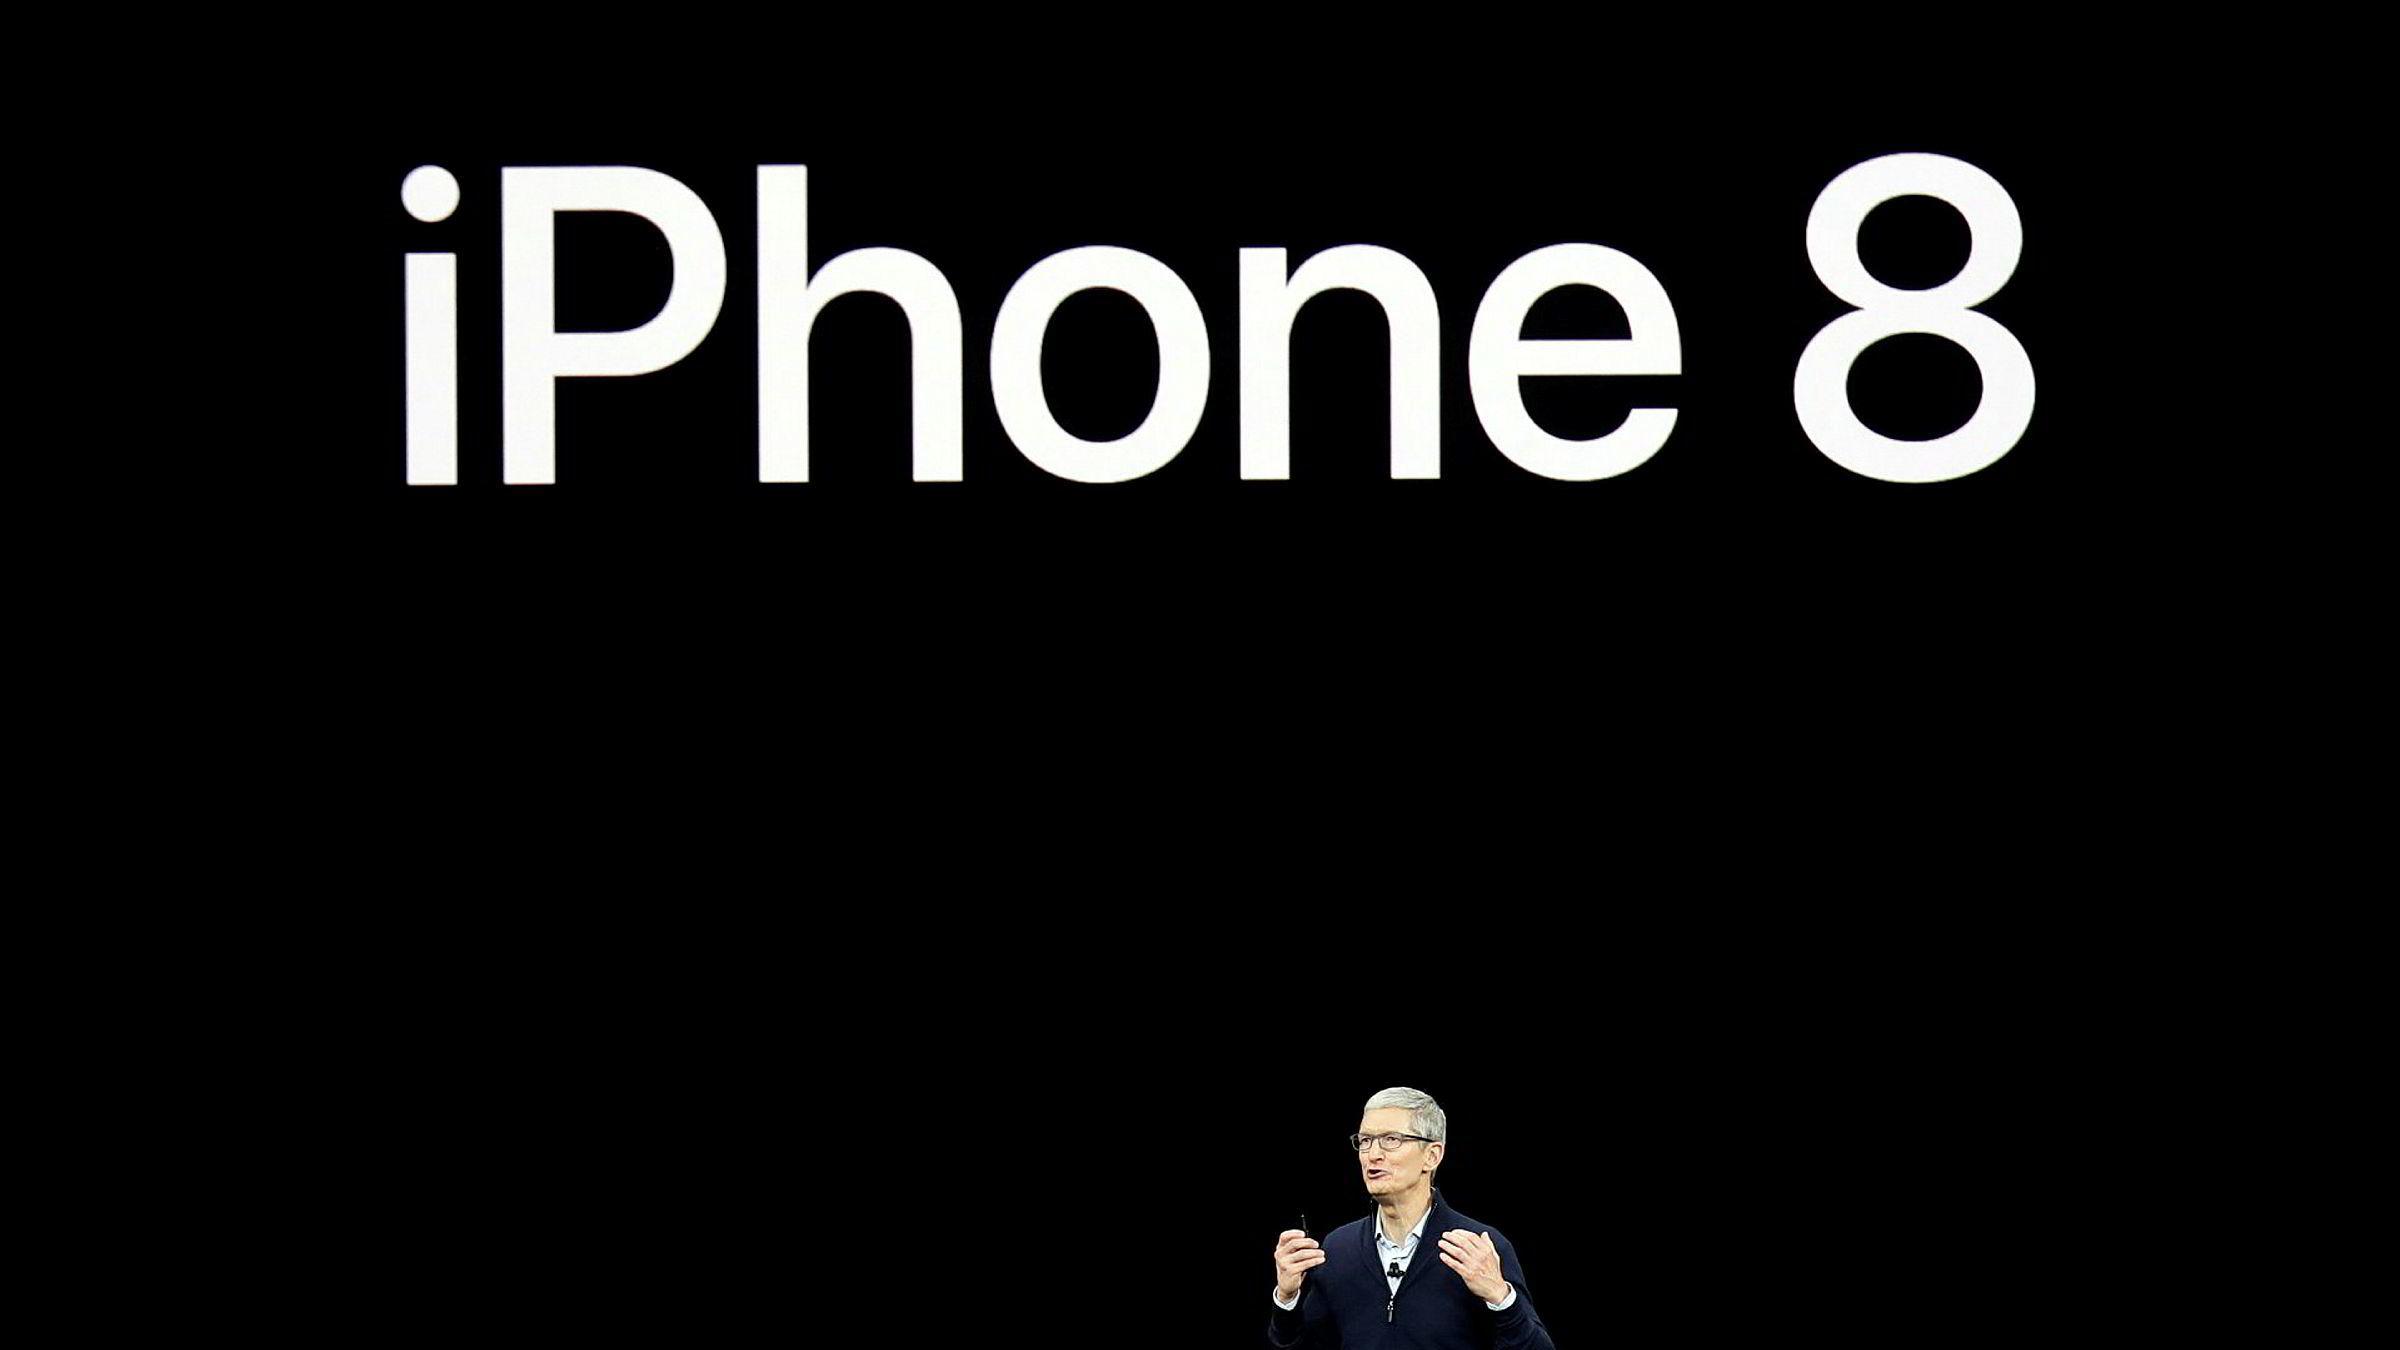 Apple-sjef Tim Cook viser Iphone 8 for første gang i California, 12. september 2017.